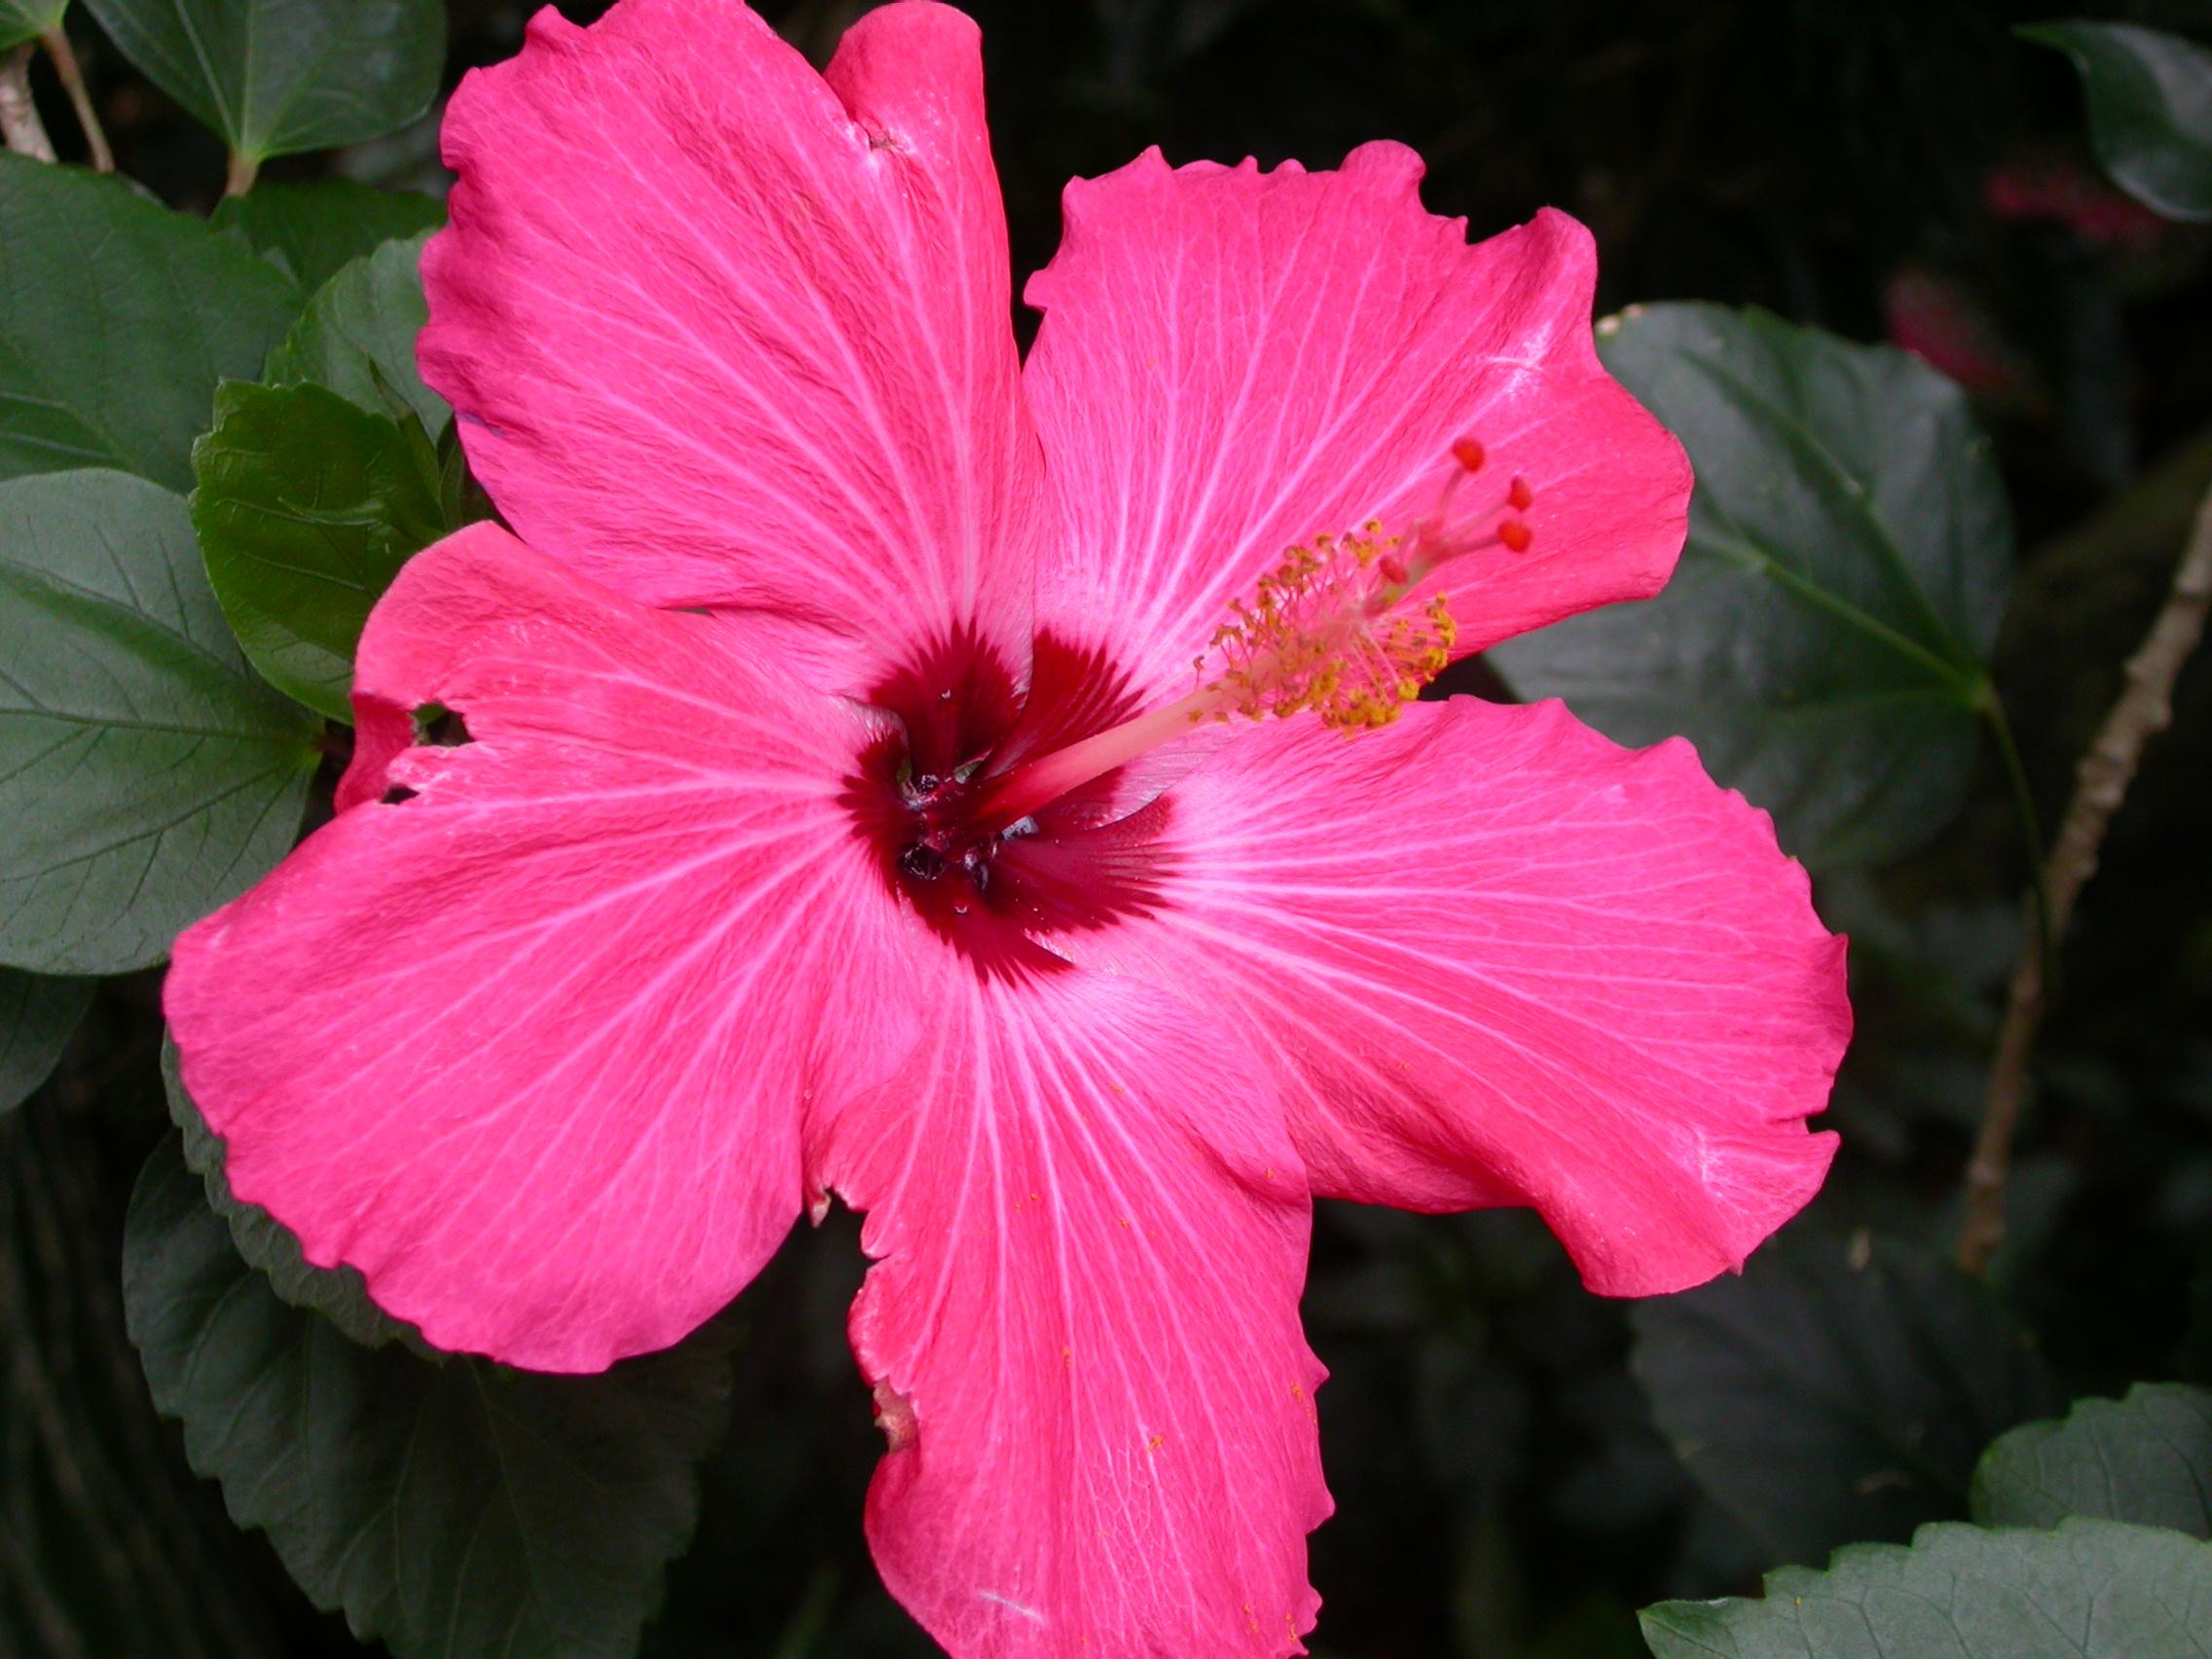 Flowers Blooming in August